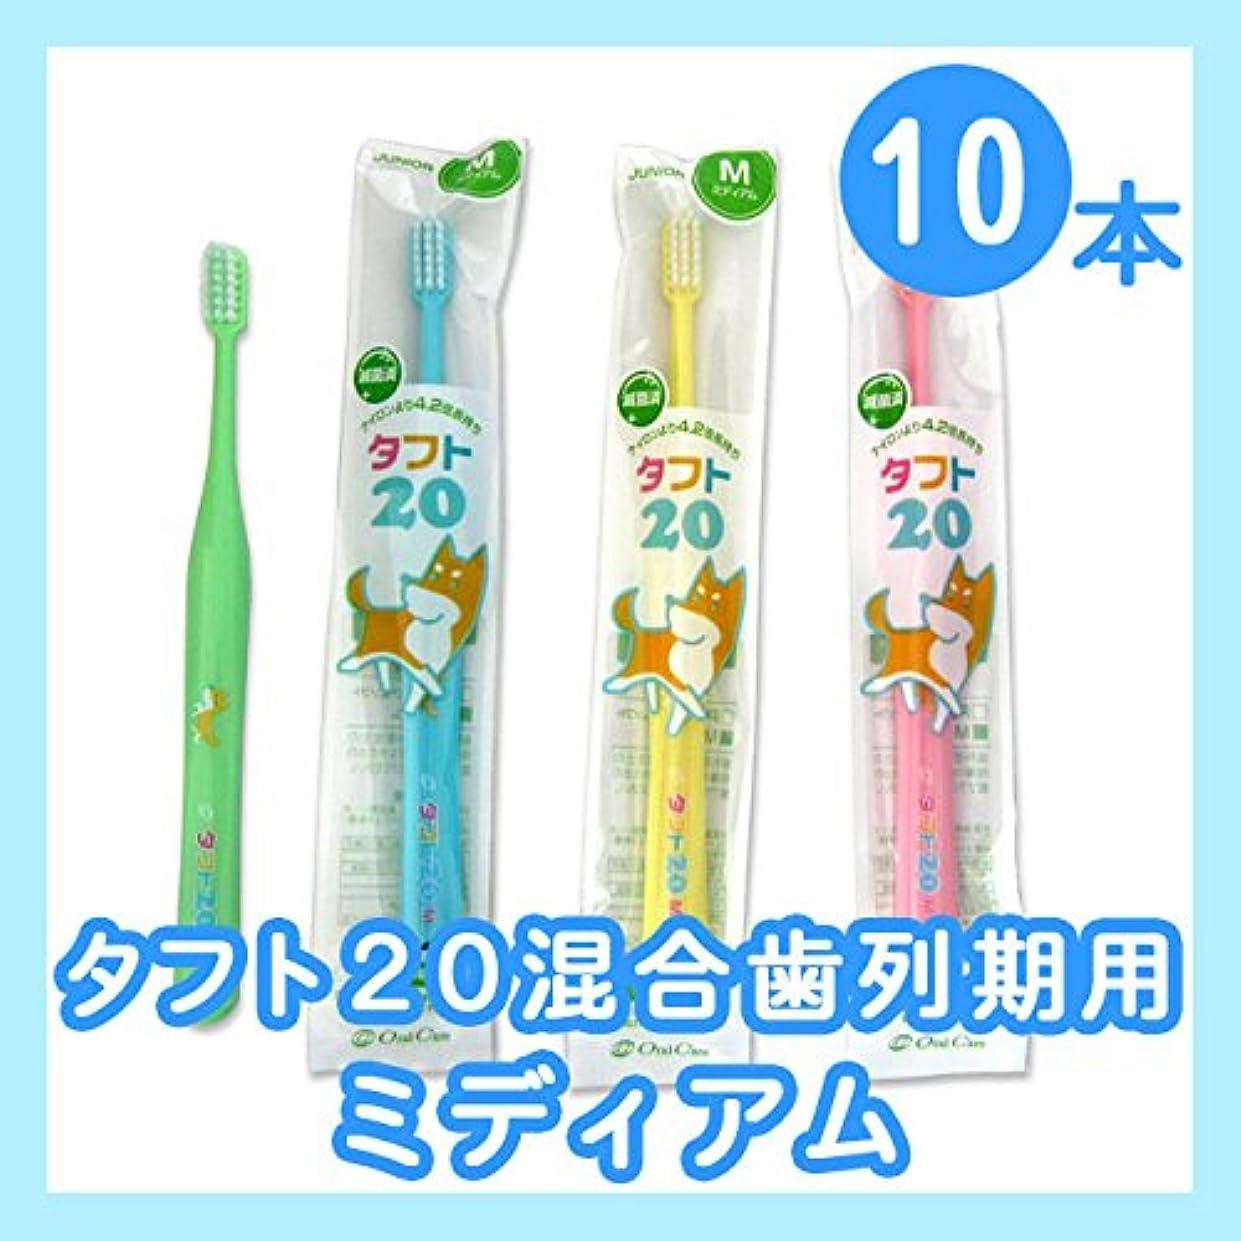 タフト20 【歯ブラシ タフト20/ミディアム 子供 タフト】10本 オーラルケア 混合歯列期用(6~12歳)こども歯ブ グリーン